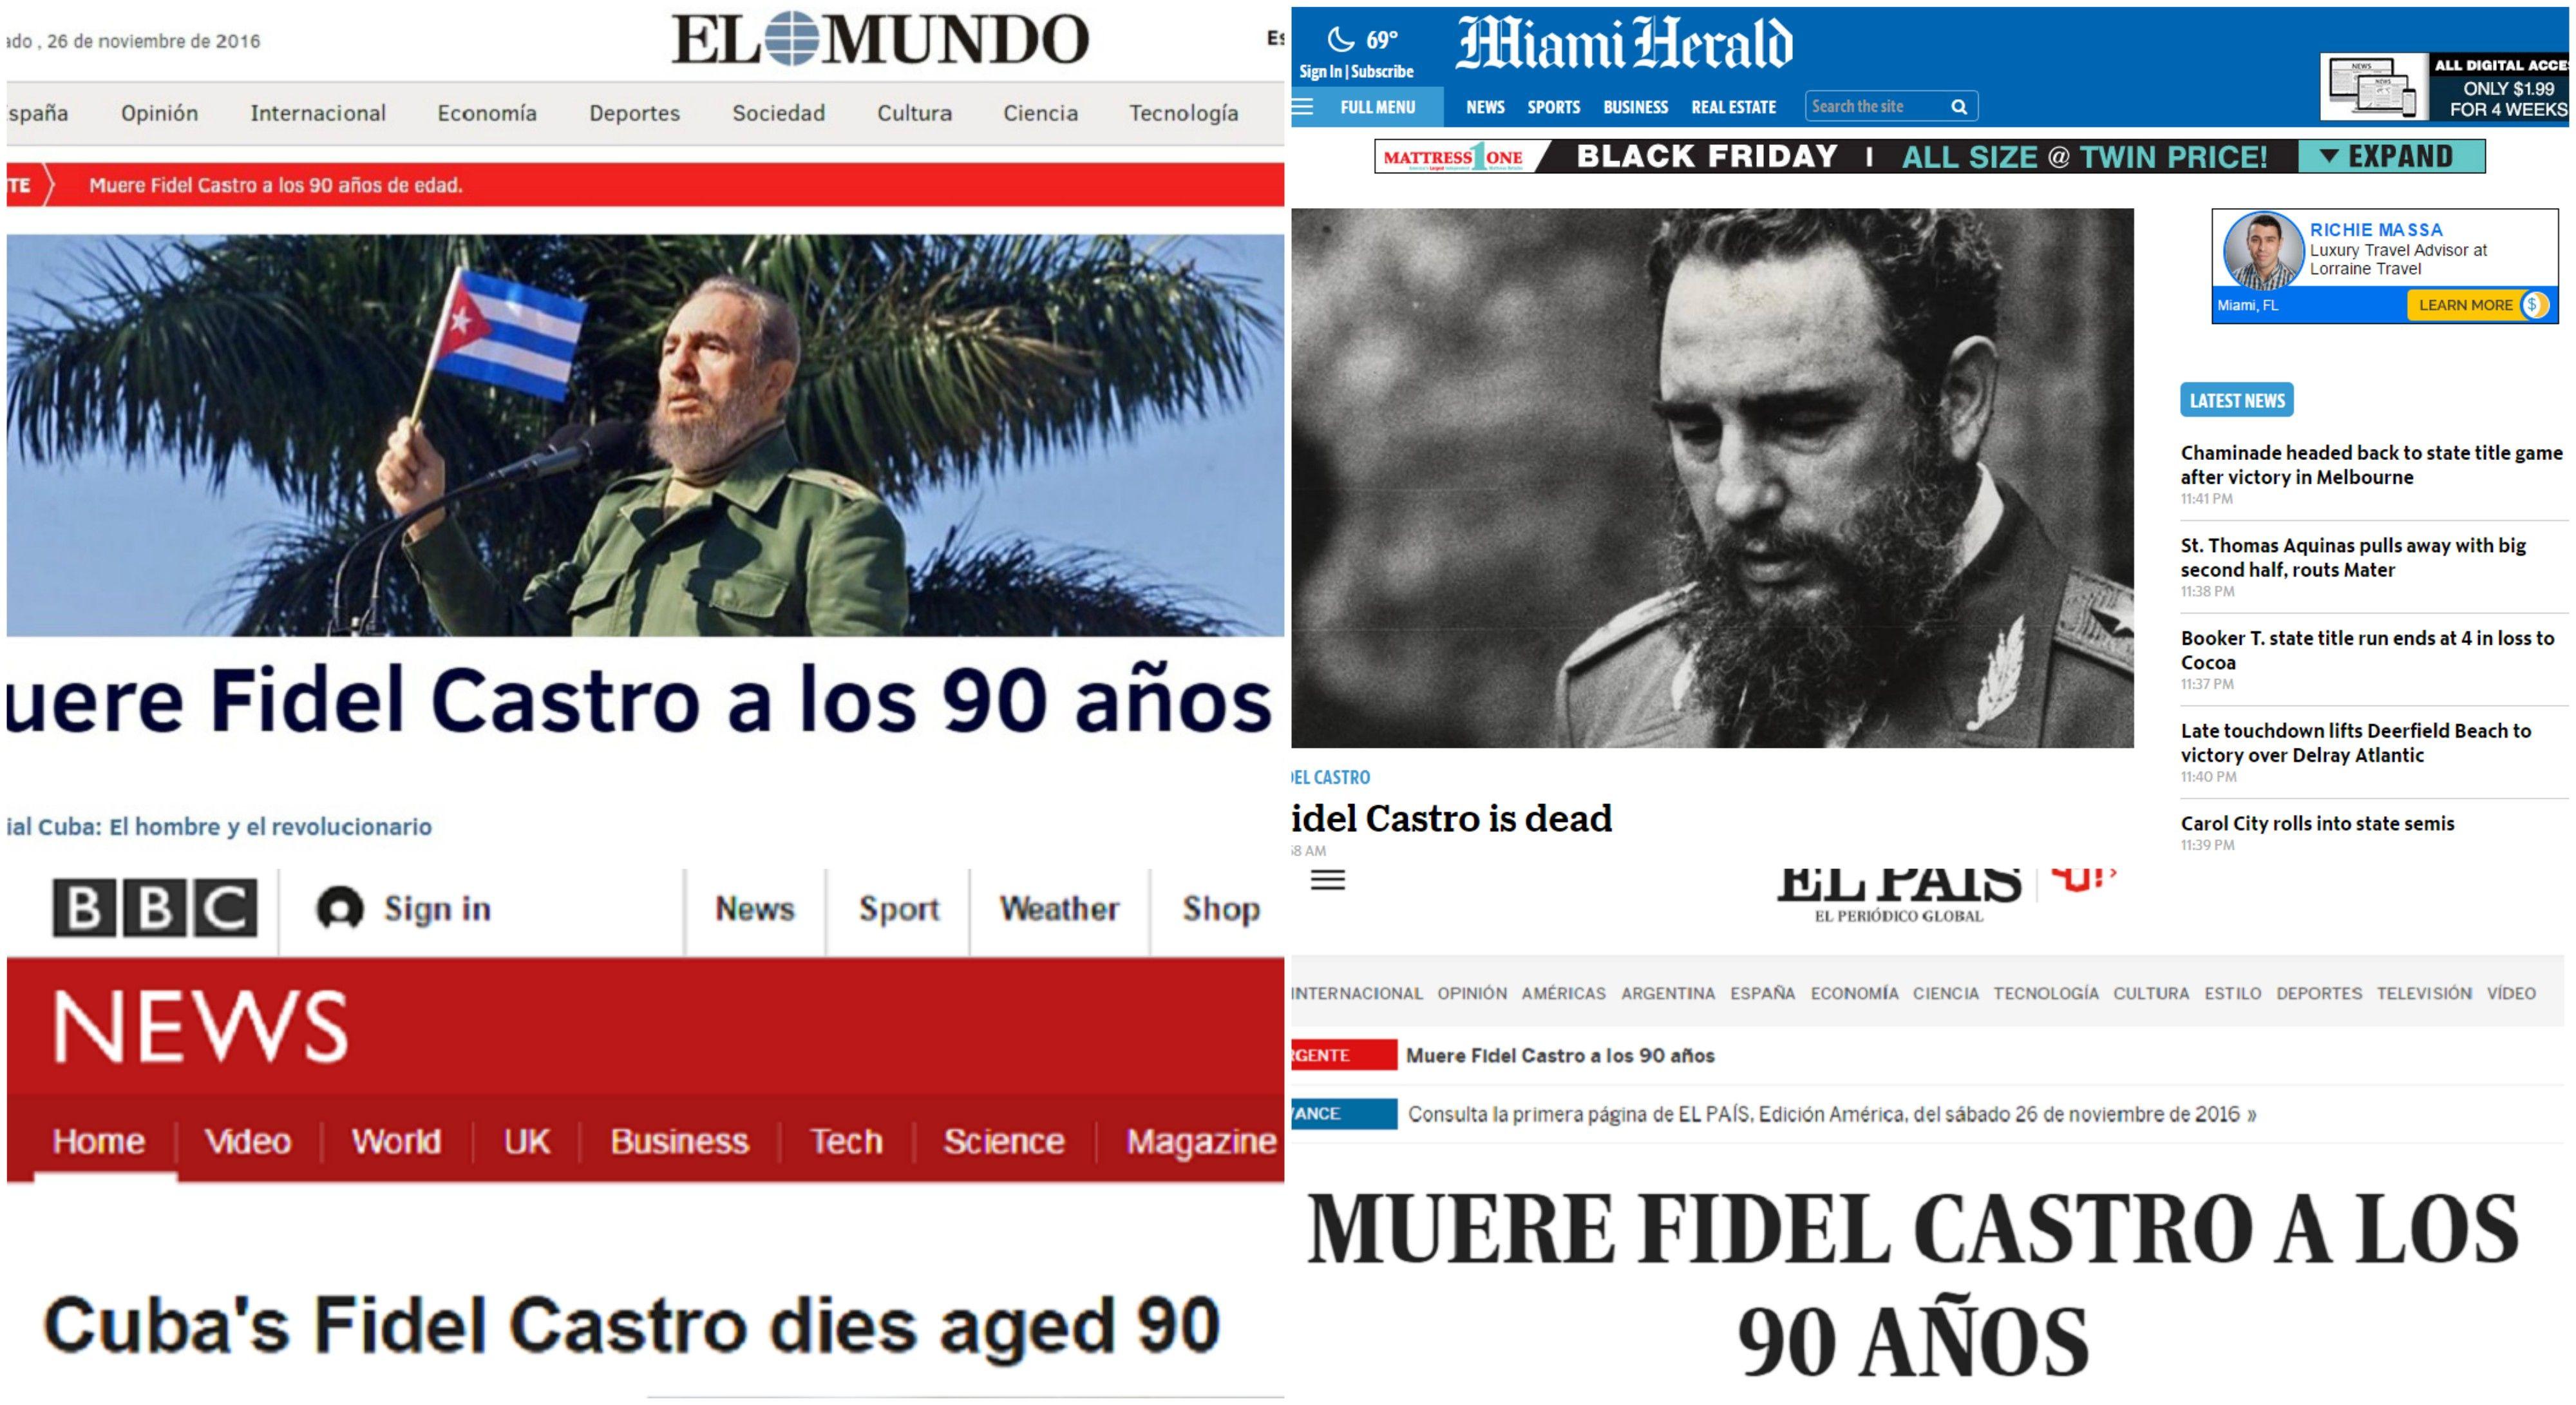 La muerte de Fidel Castro es noticia destacada de los principales portales del mundo